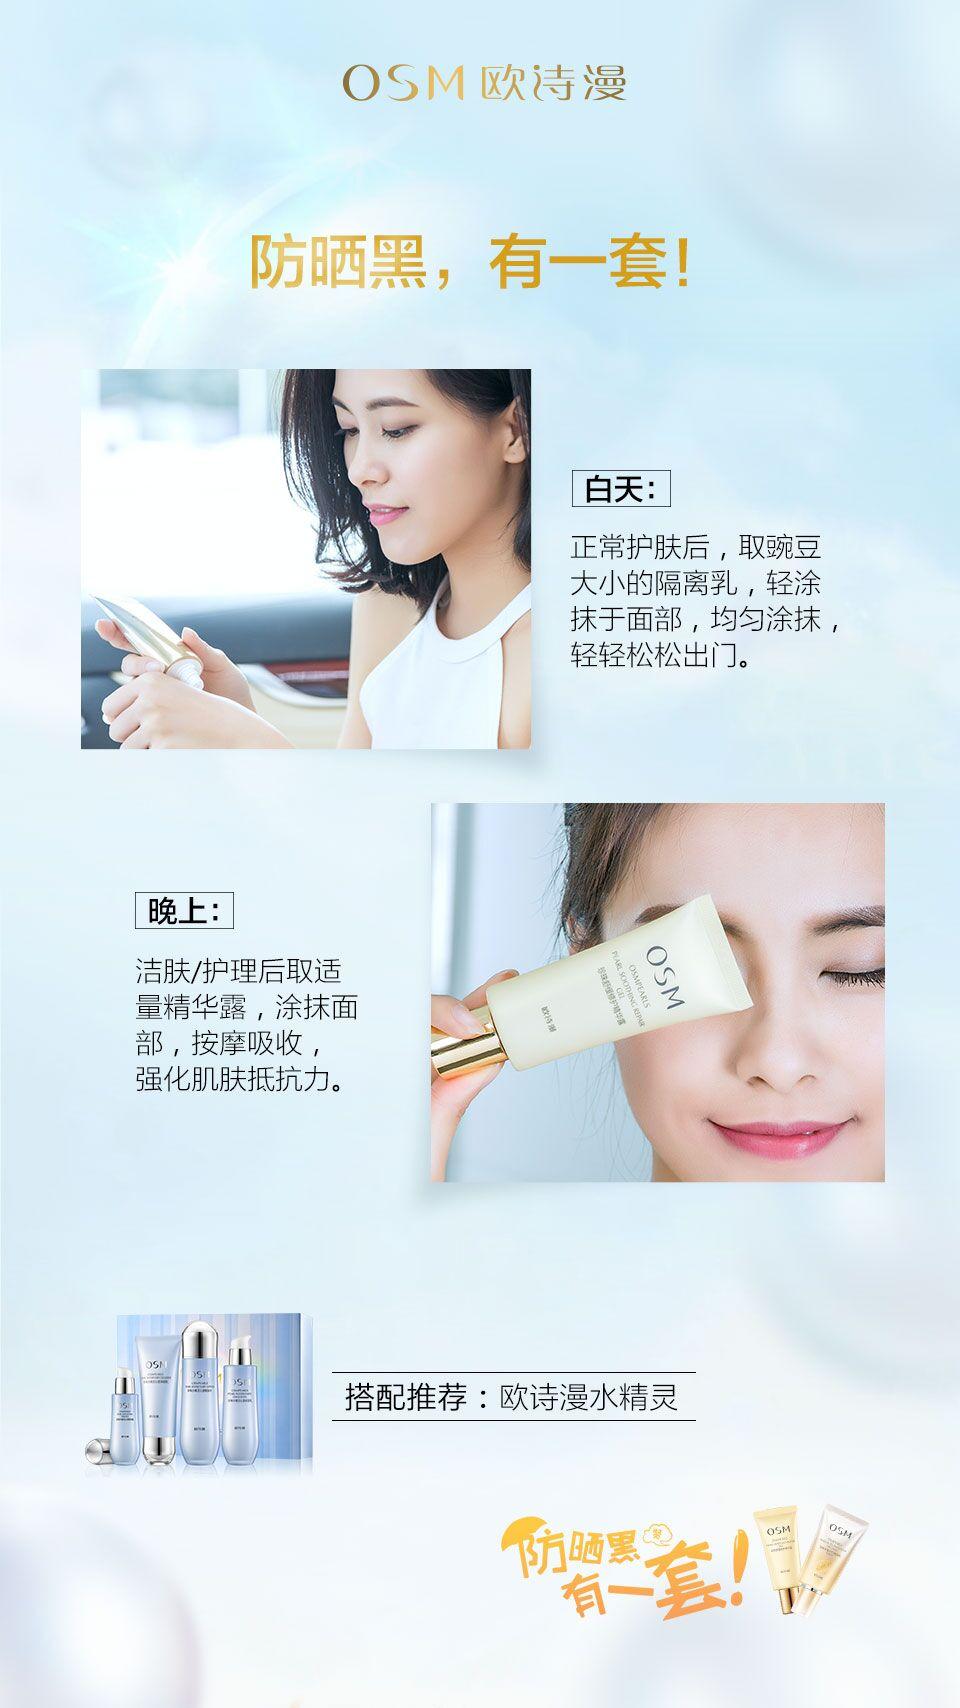 这是第4张OSM欧诗漫护肤,面膜,护肤品,彩妆,诚信经营的货源图片